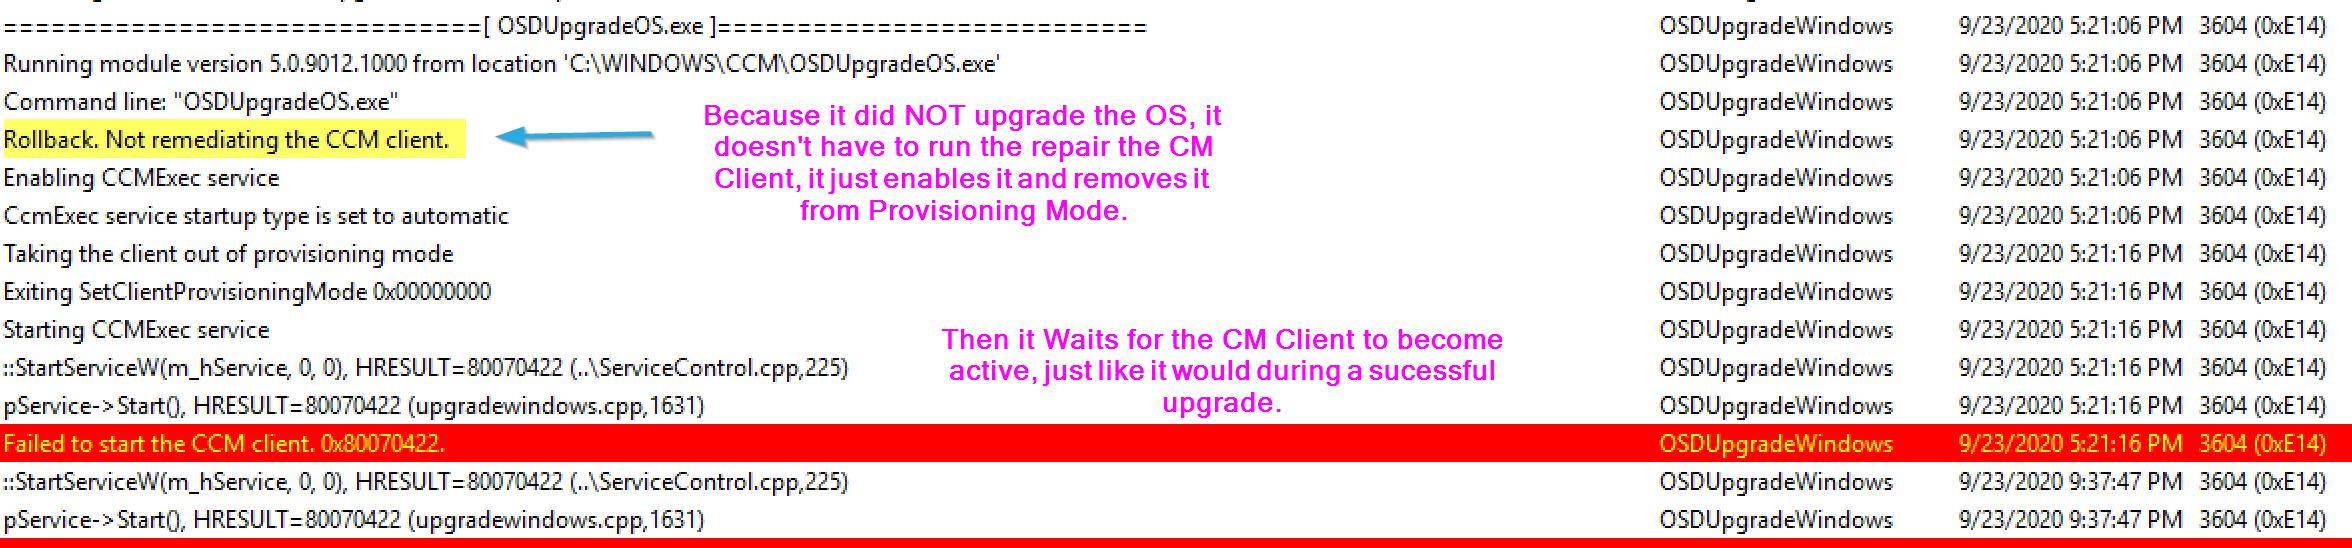 Upgrade OS Image39